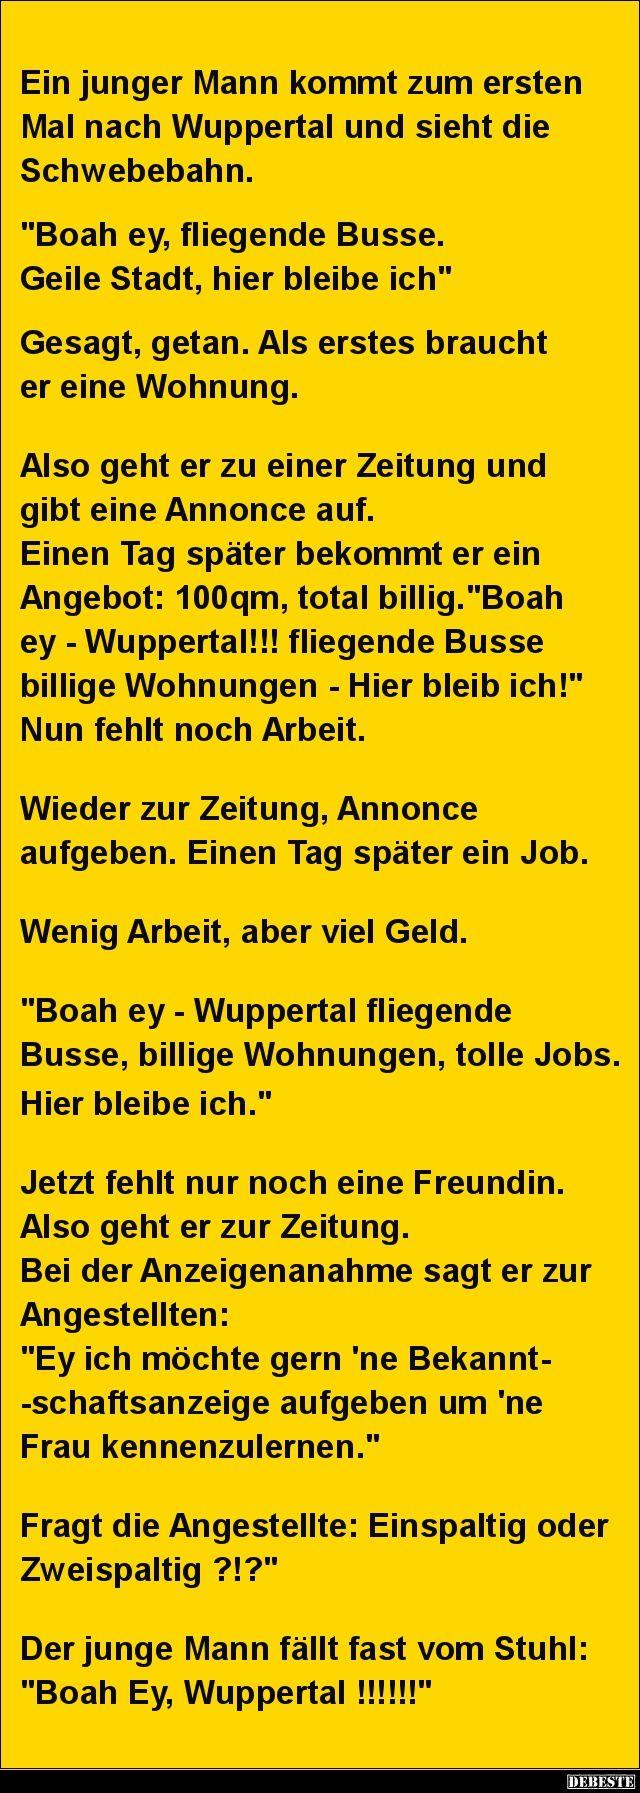 Ein junger Mann kommt zum ersten Mal nach Wuppertal.. | Lustige Bilder, Sprüche, Witze, echt lustig